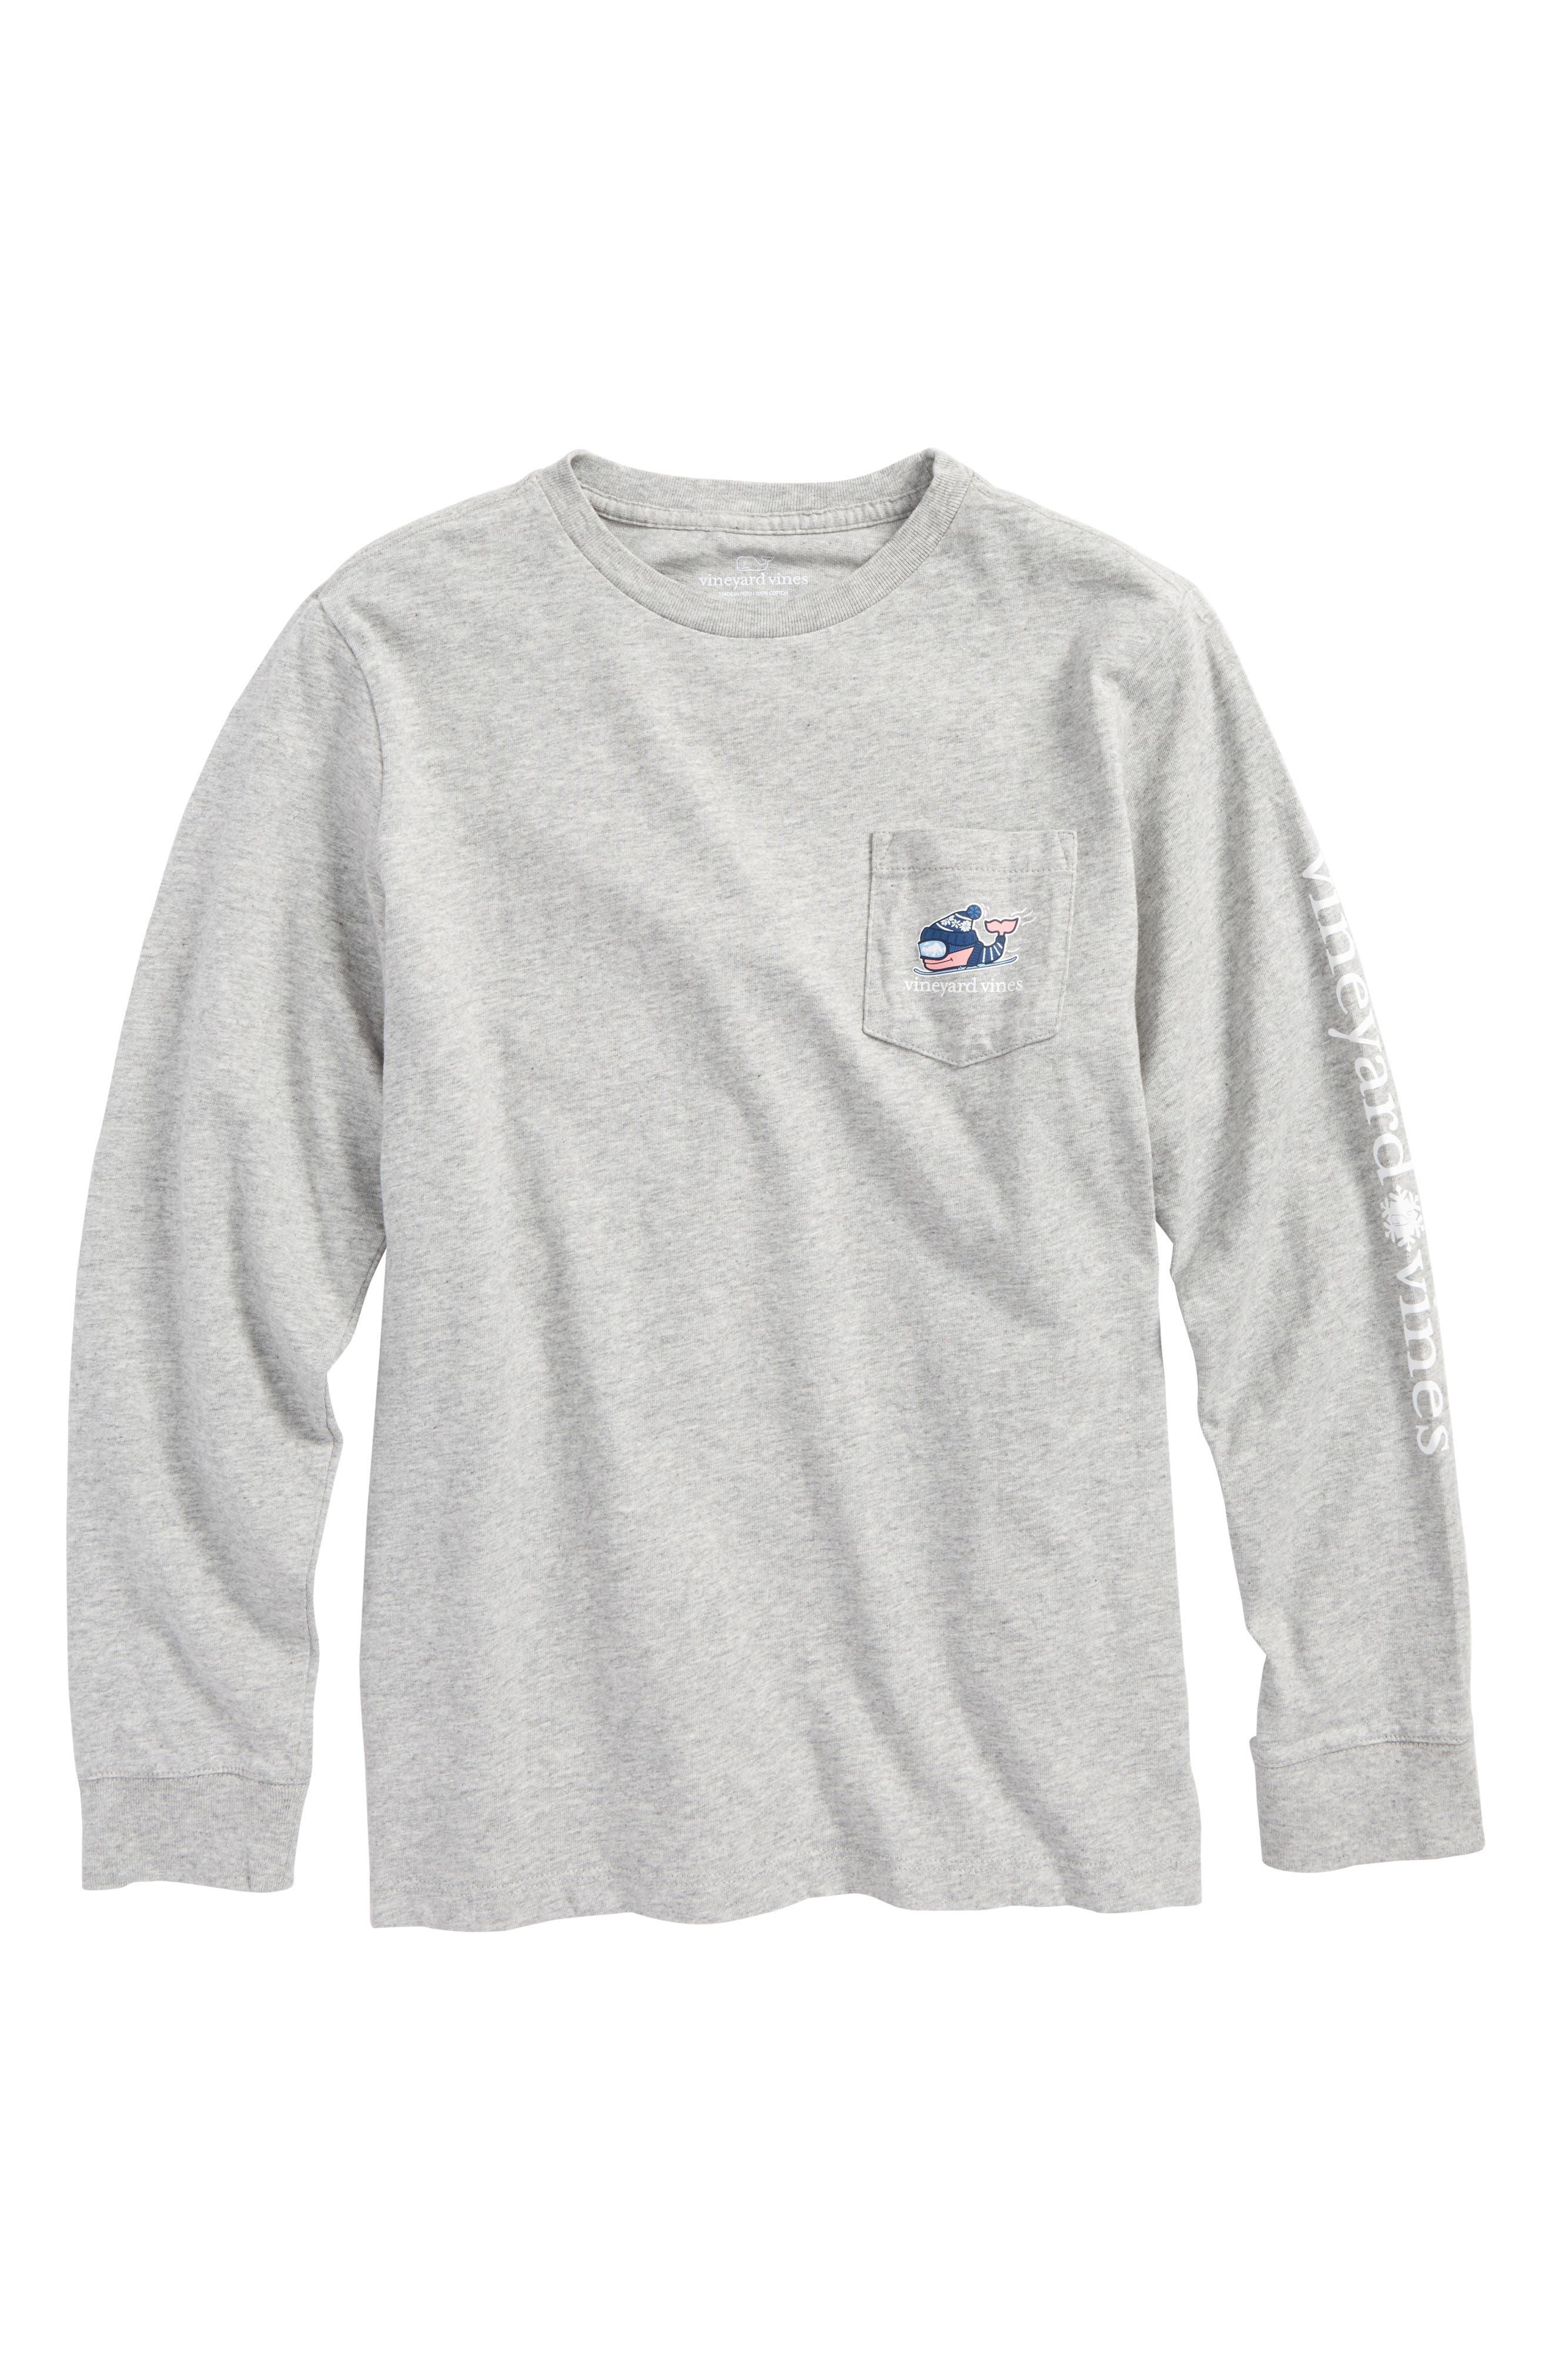 Downhill Ski Whale Pocket T-Shirt,                             Main thumbnail 1, color,                             039